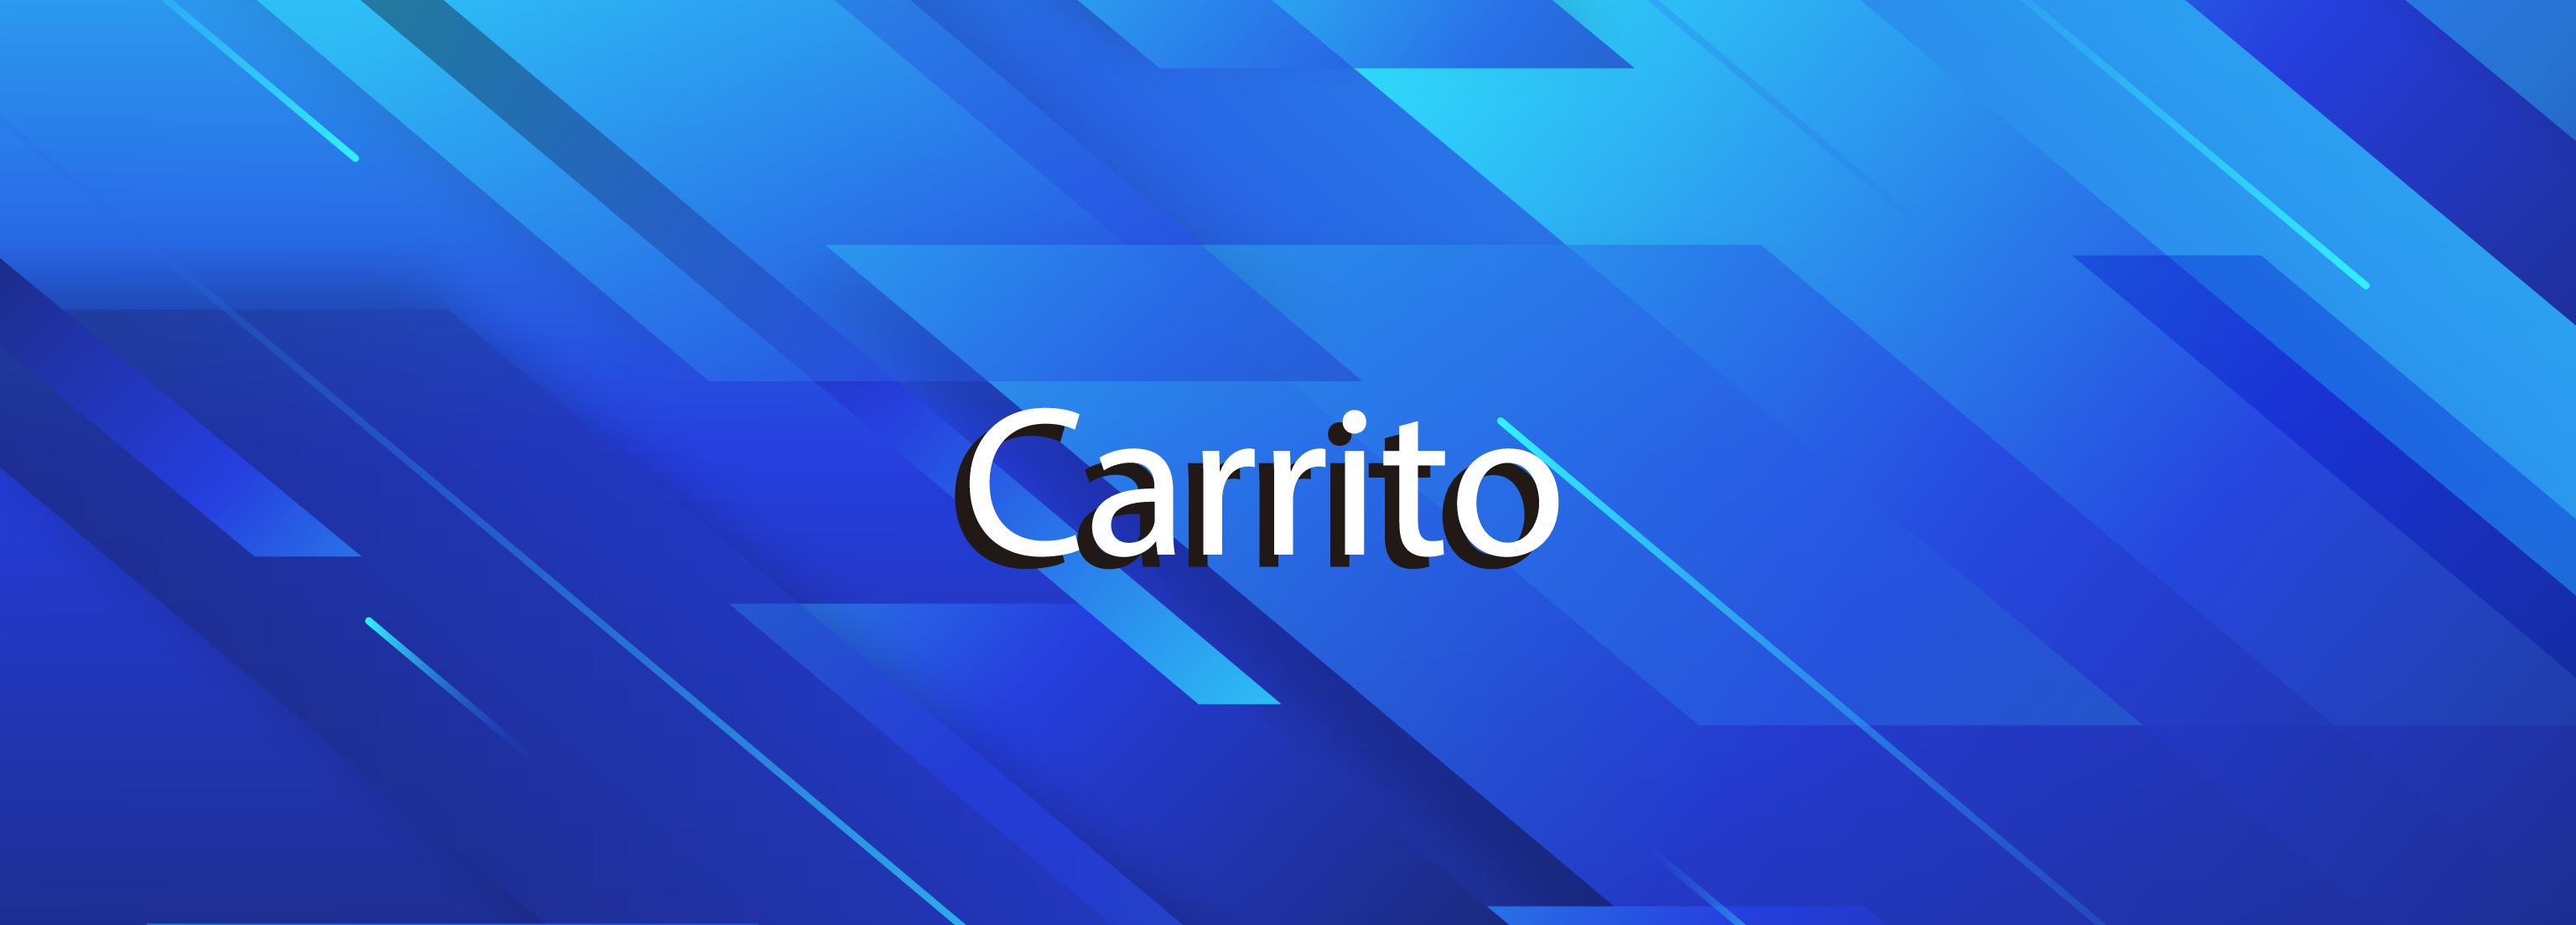 Banner carrito blaumat